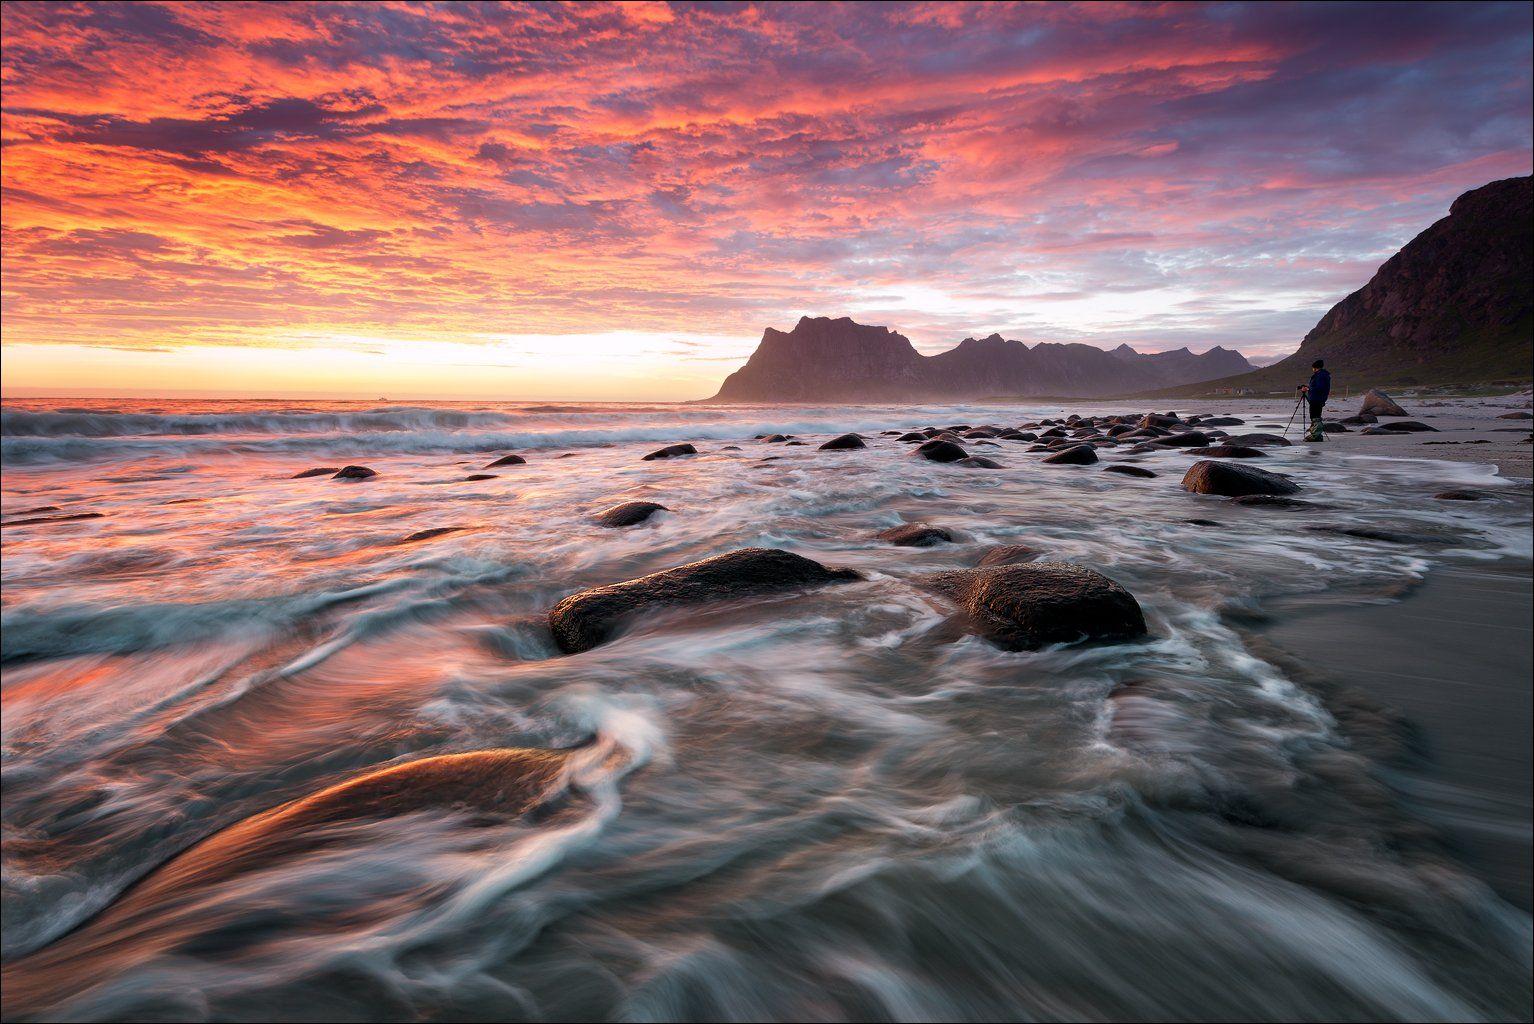 beach, beautiful, burning sky, magic, norway, ocean, sunset, travel, Роман Стативка